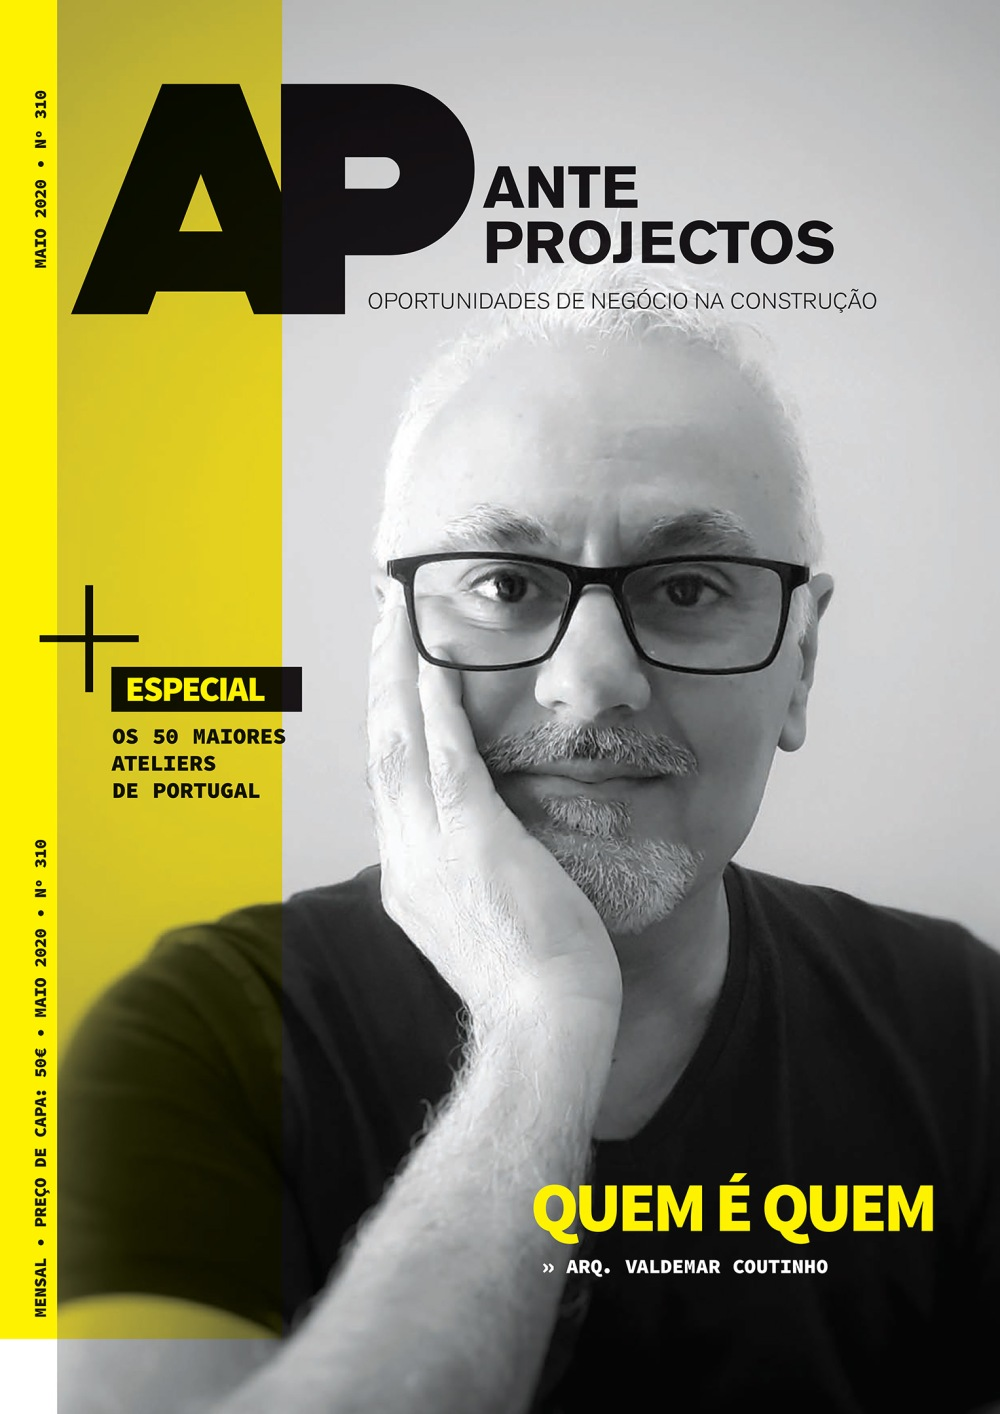 Anteprojectos 310, Capa